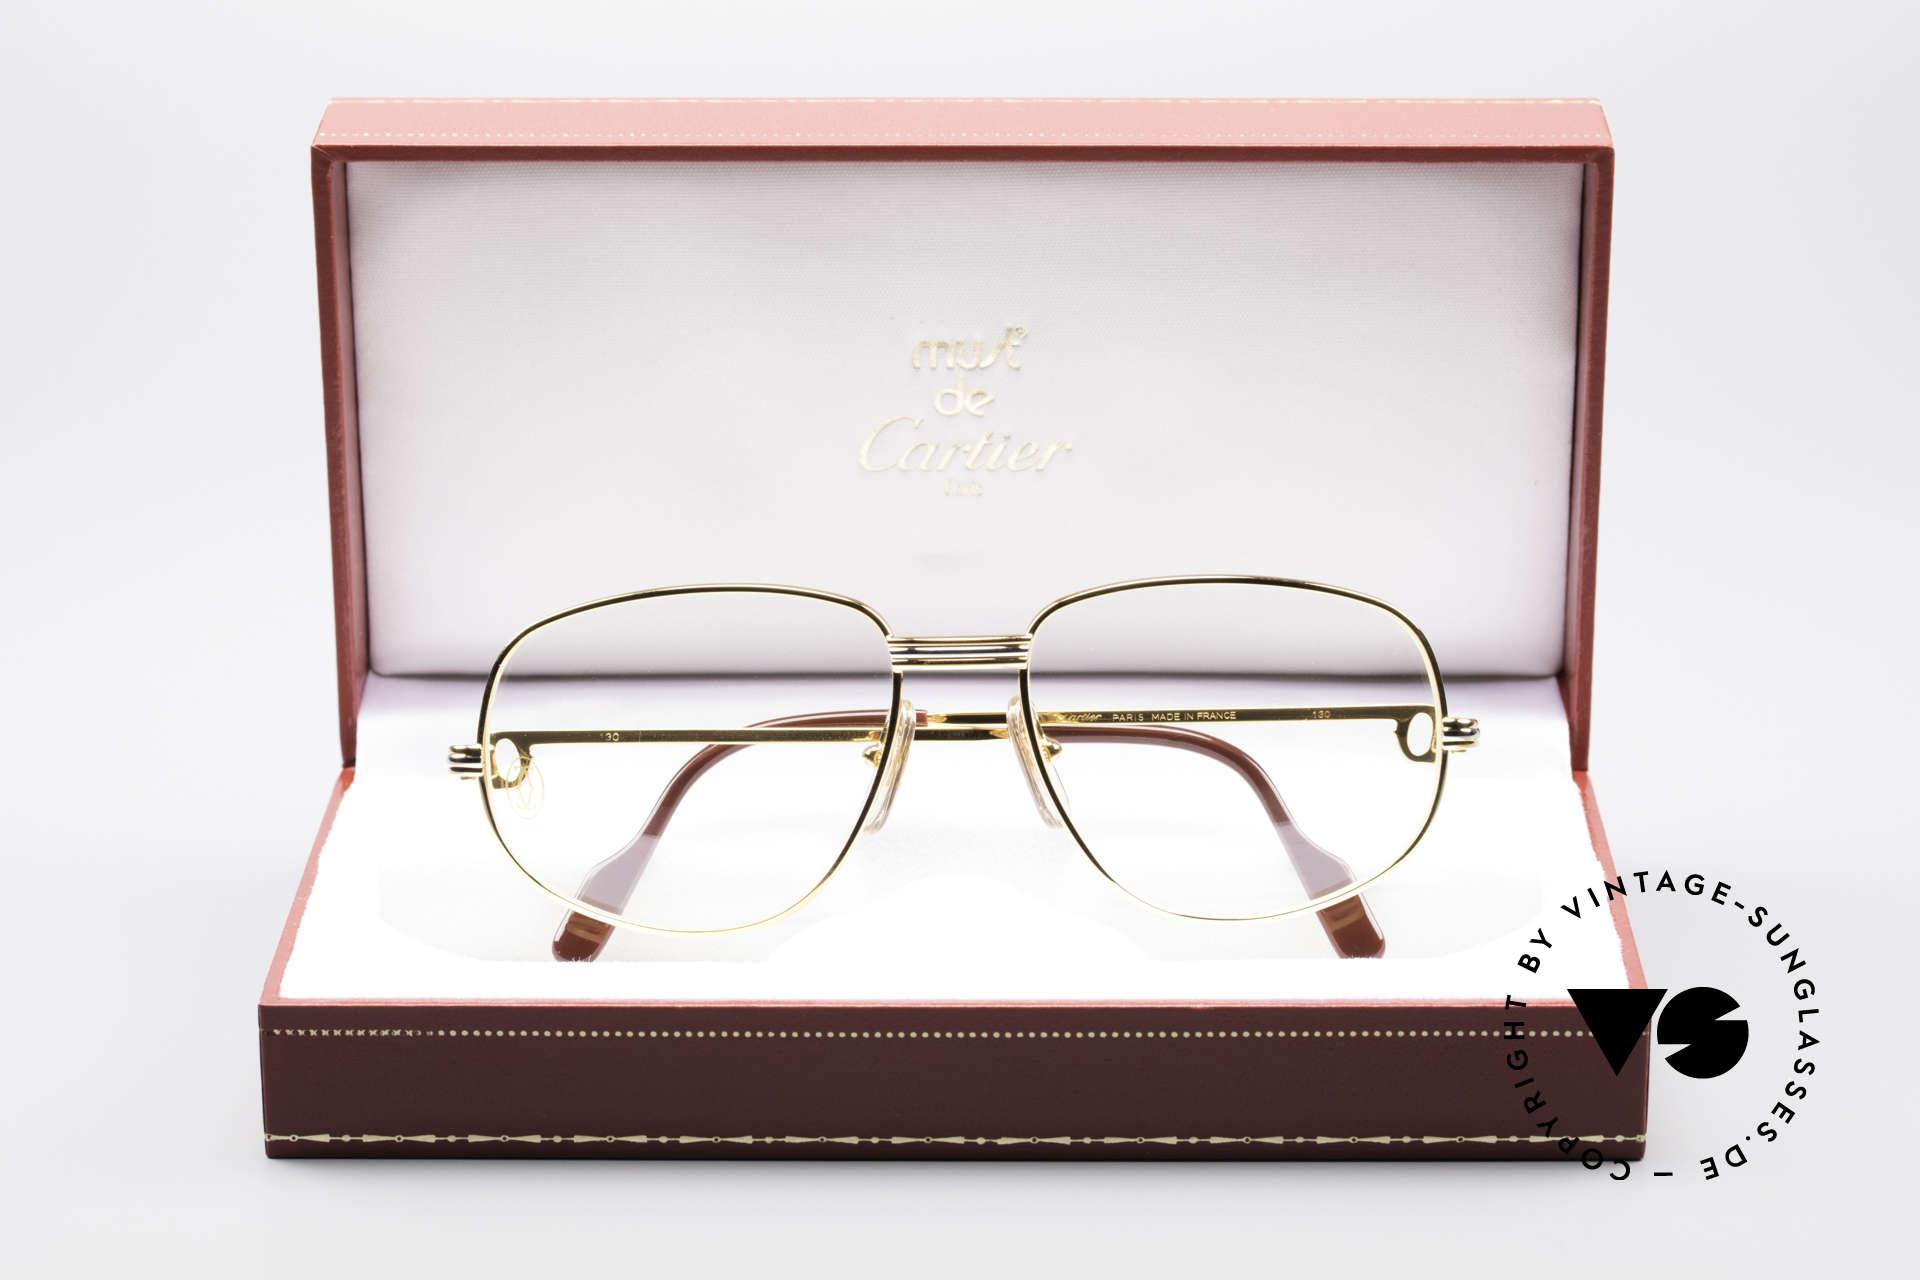 Cartier Romance LC - S Luxus Designer Brille, ungetragen mit OVP (selten in diesem Zustand zu finden), Passend für Herren und Damen